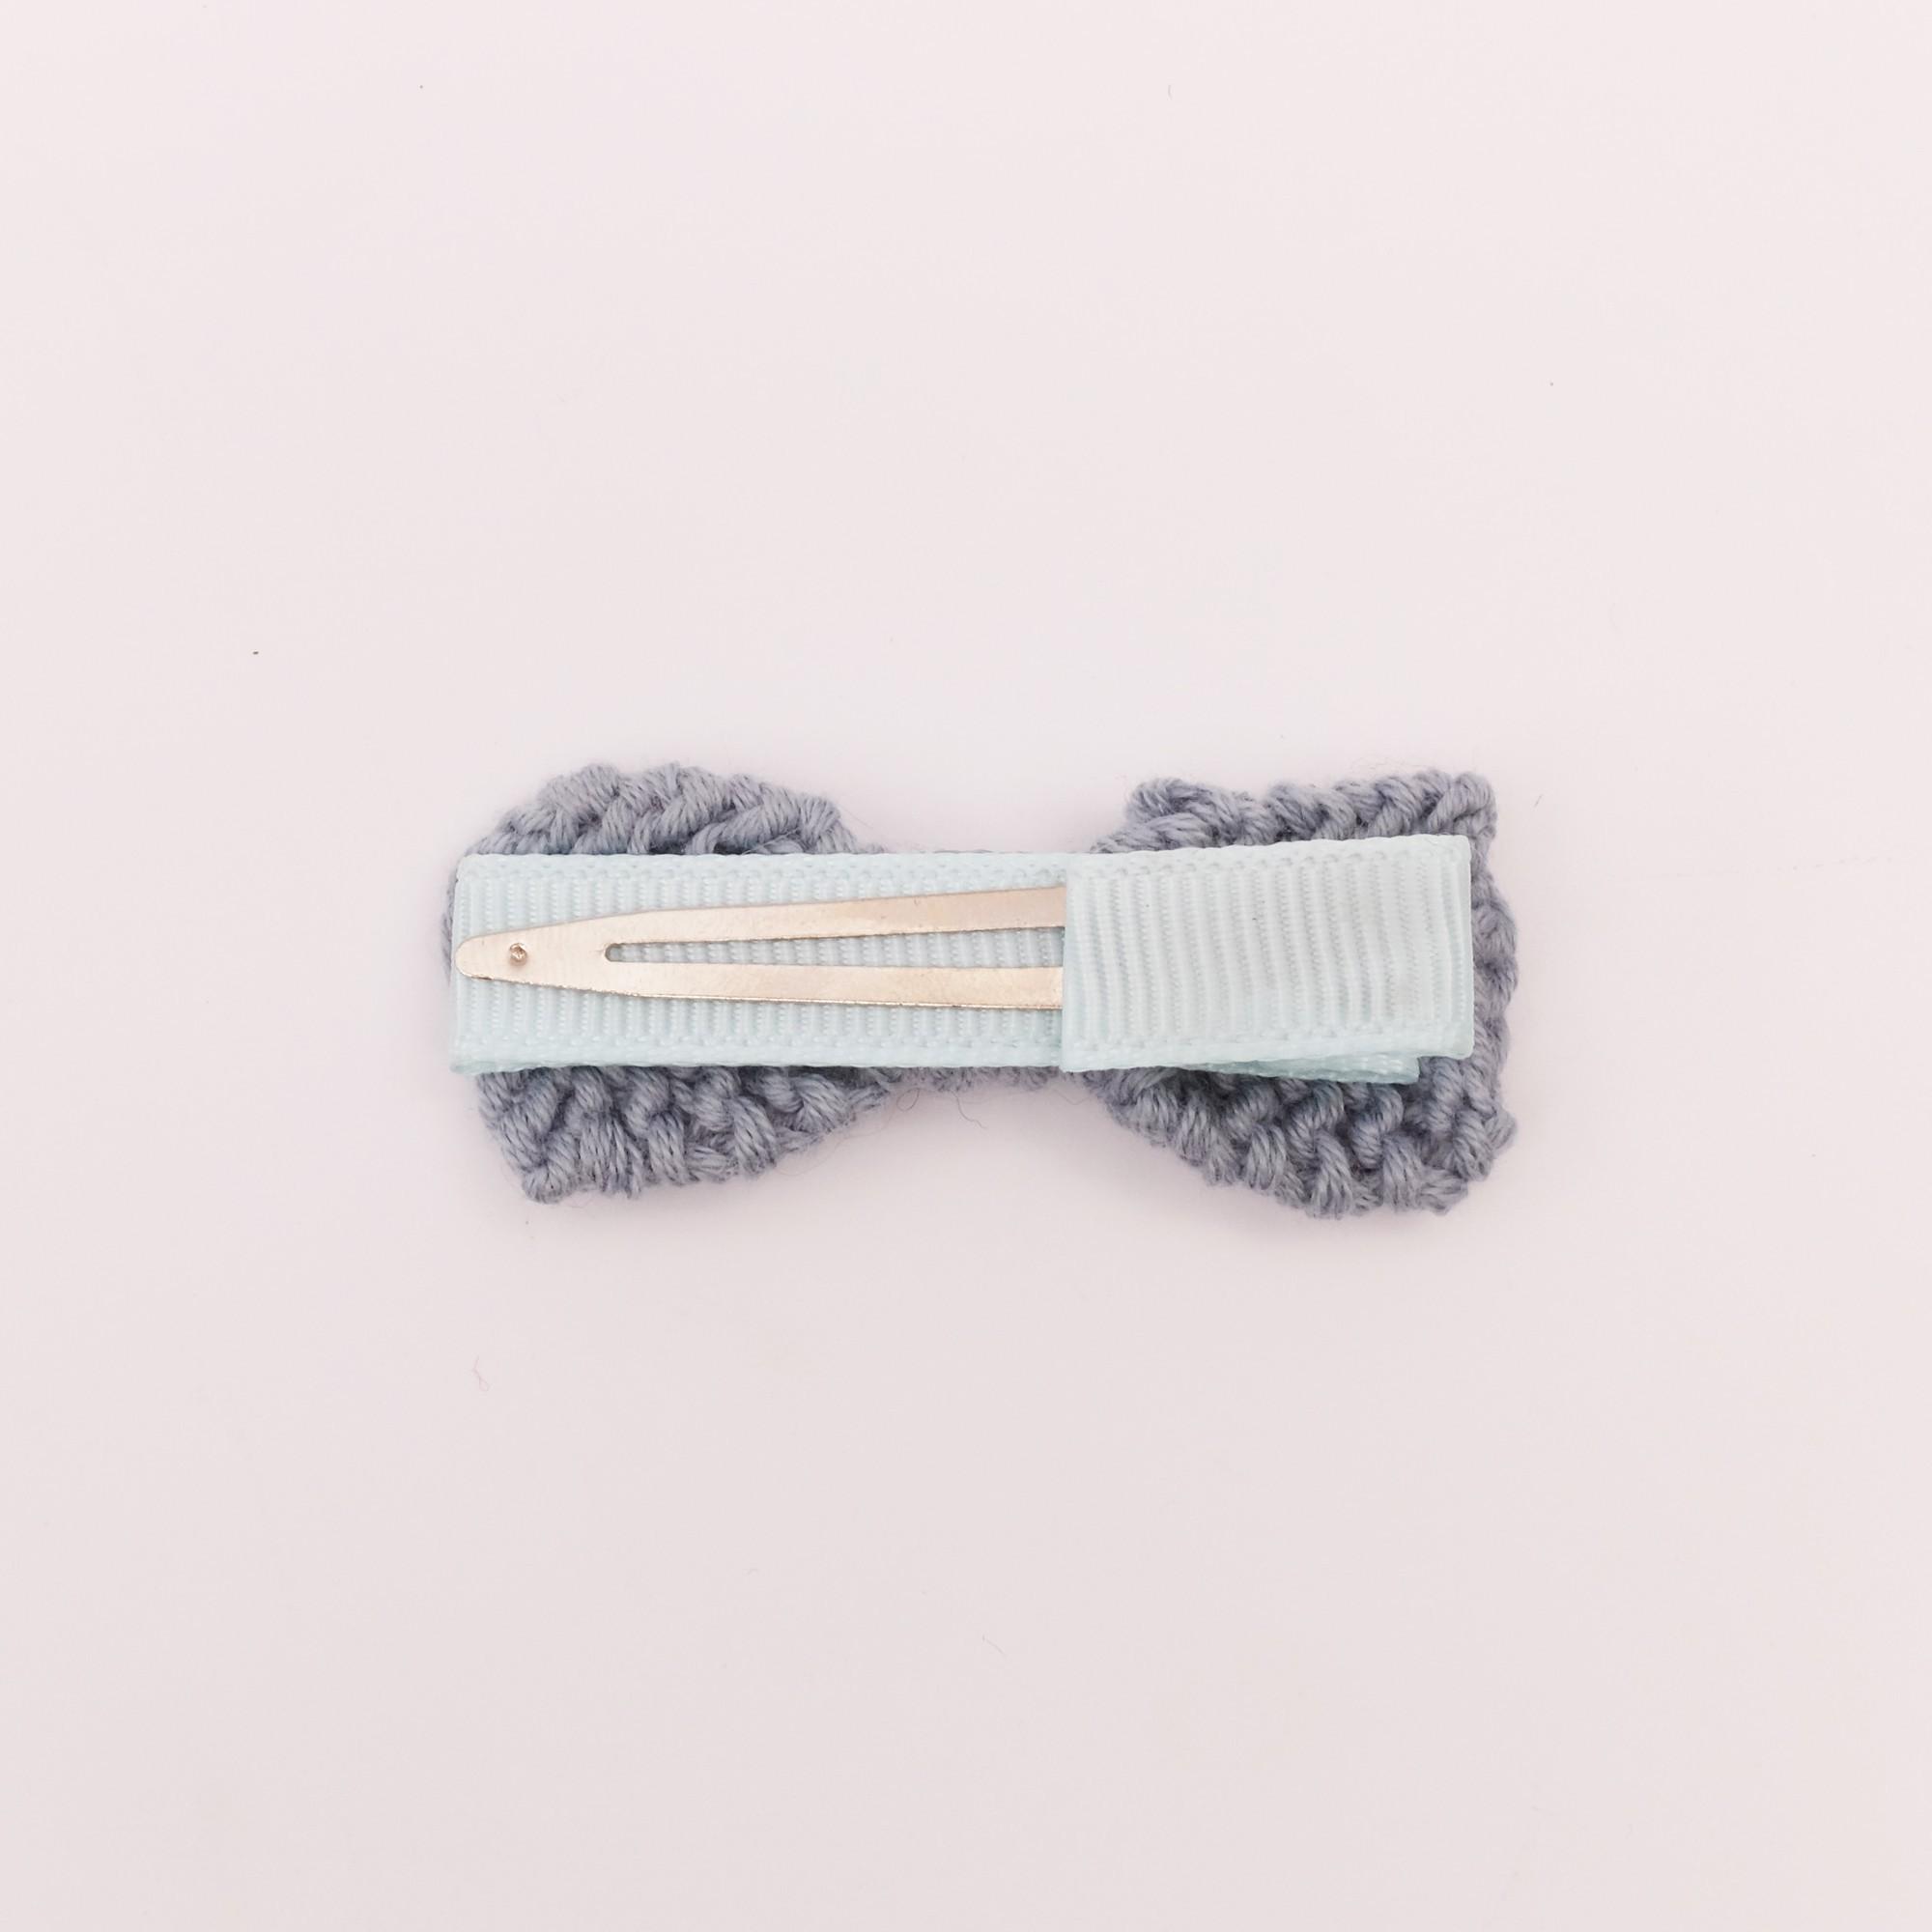 Barrette noeud tricotée bleu azur pince crocodile dos